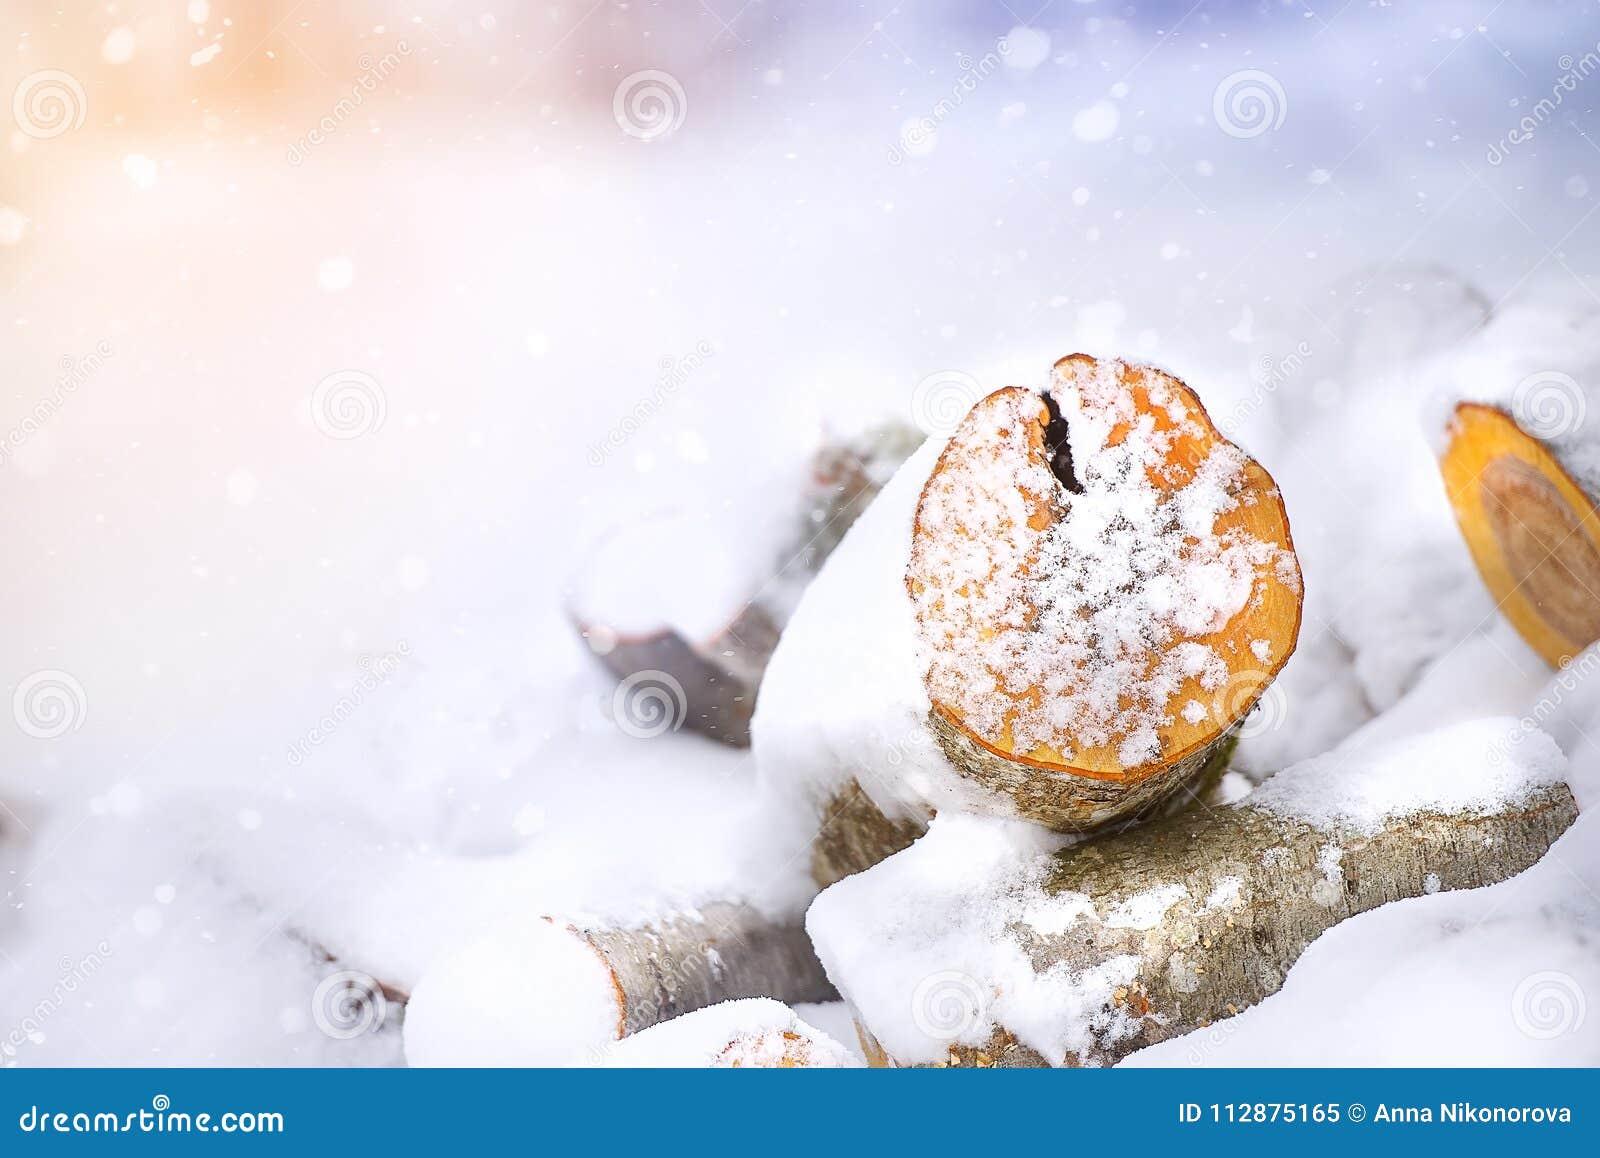 Деревянный вносит дальше снег в журнал зимы